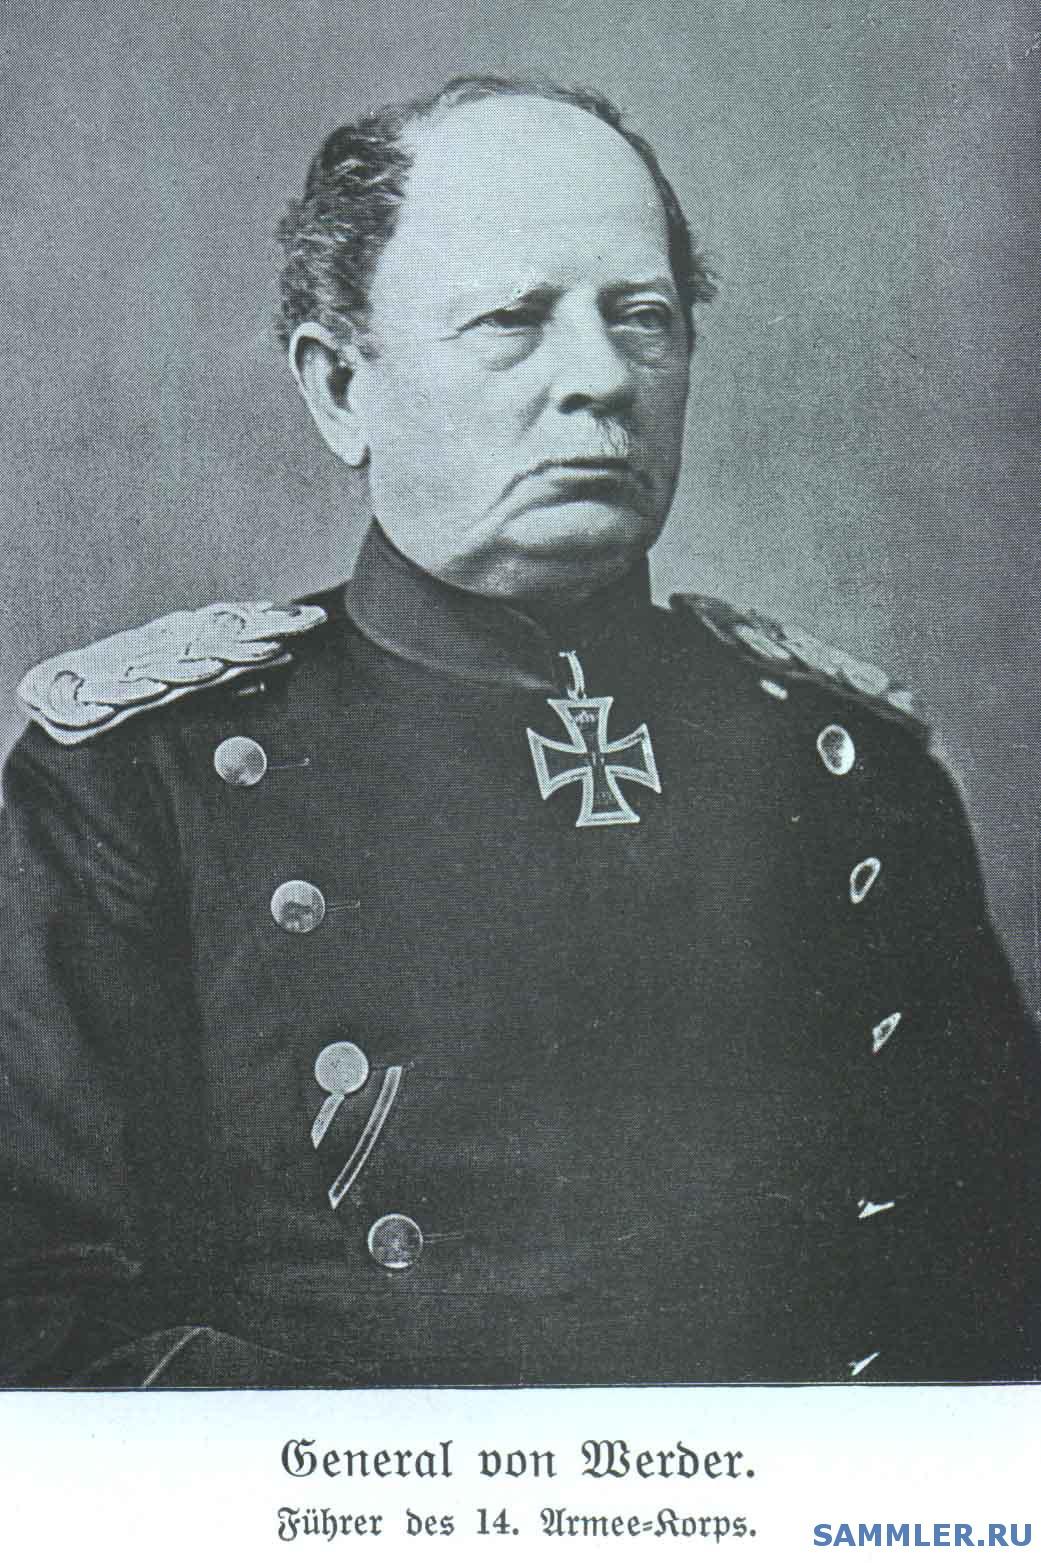 5._General_der_Infanterie_August_Leopold_Karl_Wilhelm_von_Werder.jpg